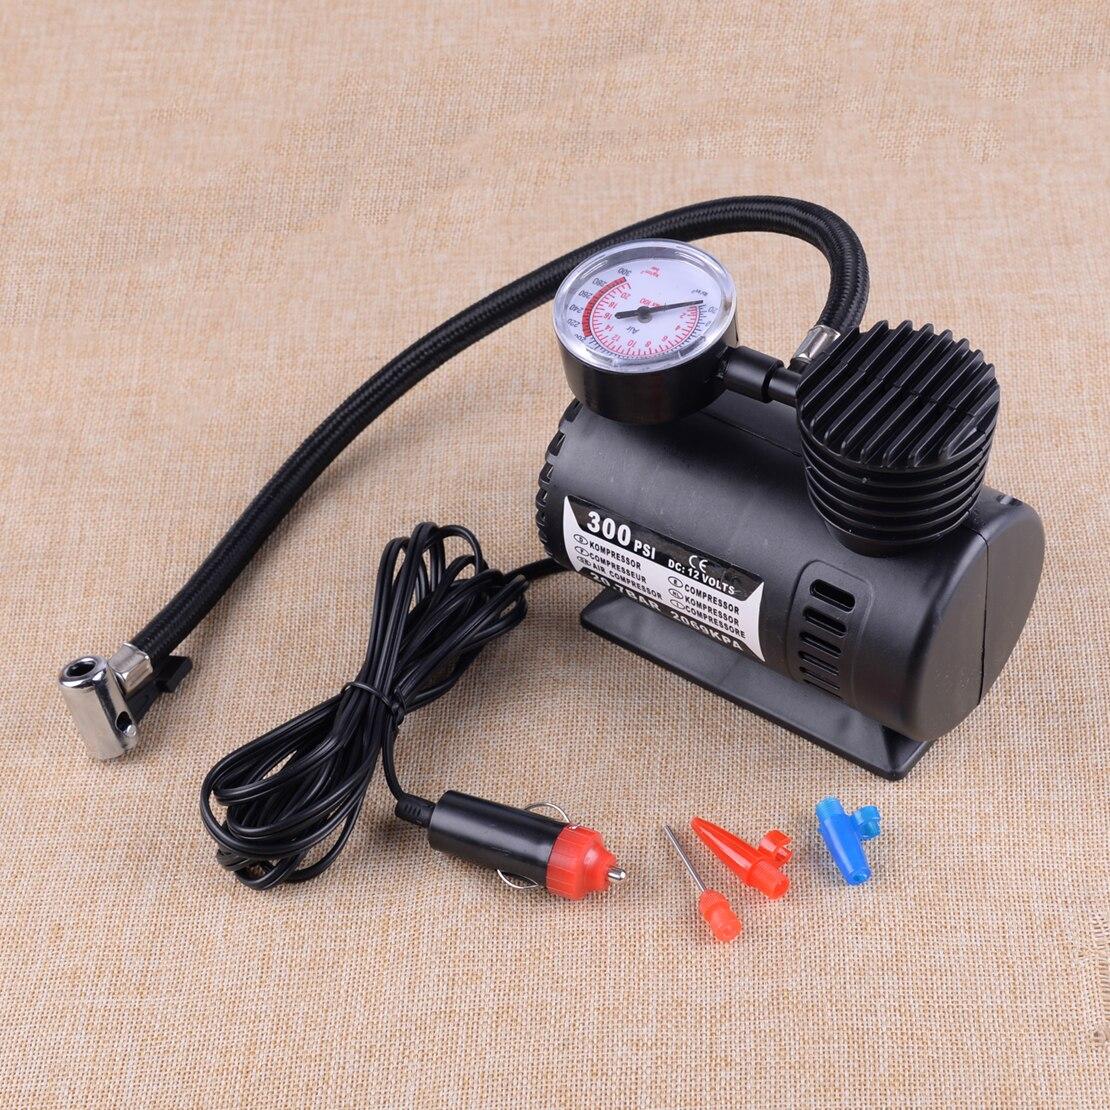 LETAOSK 12V 1 adet 300PSI taşınabilir Mini hava kompresörü oto araba elektrikli lastik hava şişirme pompası aracı